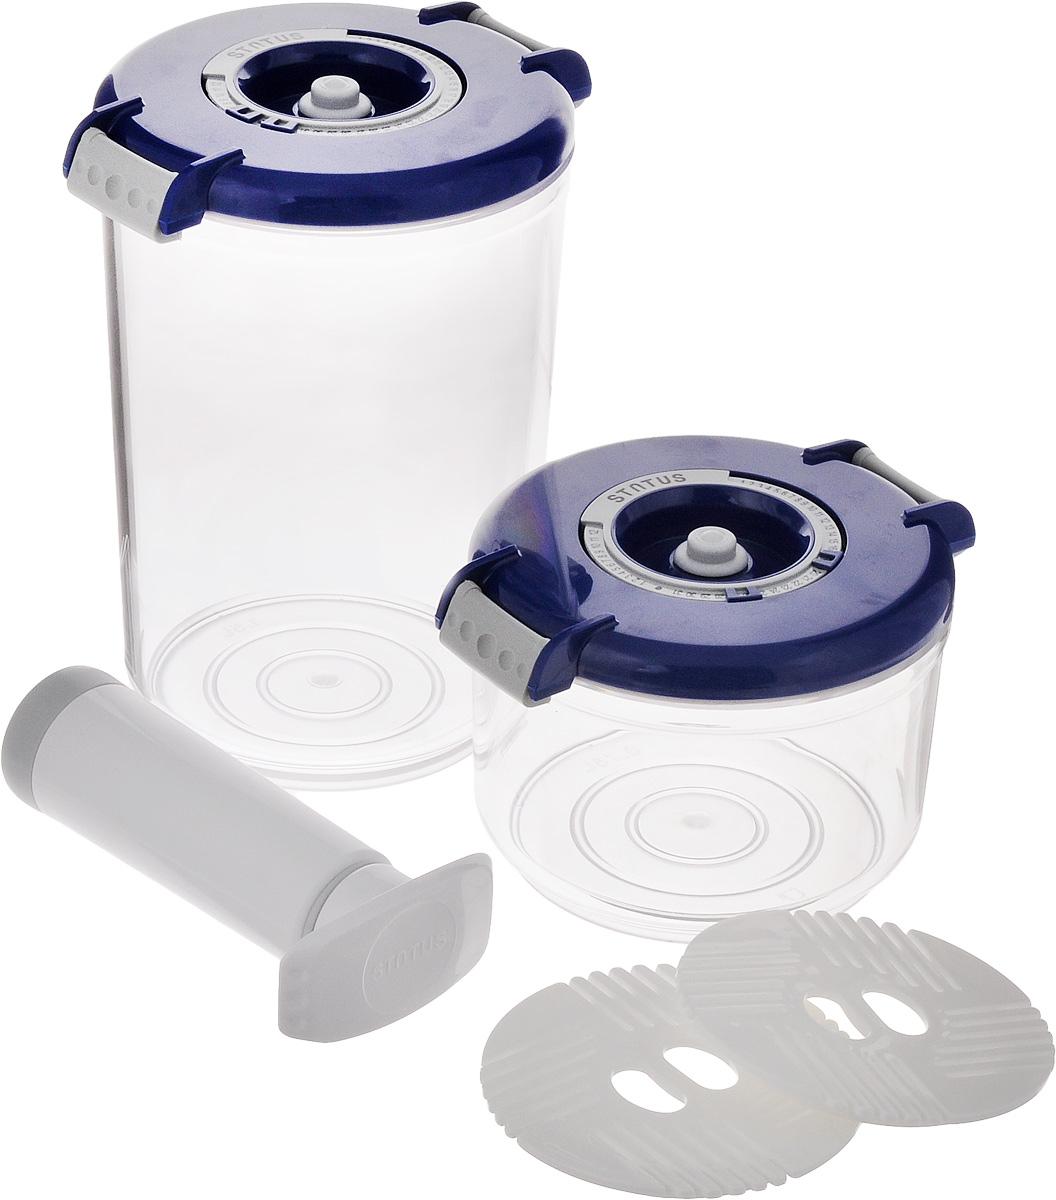 Набор вакуумных контейнеров Status, цвет: прозрачный, синий, 2 шт + ПОДАРОК: Вакуумный ручной насосVAC-RD-Round BlueБлагодаря использованию вакуумных контейнеров Status, продукты не подвергаются внешнему воздействию, и срок хранения значительно увеличивается. Продукты сохраняют свои вкусовые качества и аромат, а запахи в холодильнике не перемешиваются. В контейнерах рекомендуется хранить: сахар, кофе в зернах, чай, муку, крупы, соусы, супы.Особенности контейнеров:Прочный хрустально-прозрачный тританКруглая форма контейнеровИндикатор даты на крышке (месяц, число)BPA-FreeДопускается замораживание (до -21 °C), мойка контейнера в ПММ, разогрев в СВЧ (без крышки).В комплекте имеется вакуумный ручной насос, с помощью которого одним простым движением можно быстро выкачать воздух из контейнераОбъем контейнеров: 1,5 л, 0,75 л.Диаметр контейнеров (по верхнему краю): 13 см.Диаметр основания контейнеров: 10,5 см.Высота контейнеров (без учета крышки): 8 см, 17,5 см.Высота контейнеров (с учетом крышки): 9,5 см, 19 см.Диаметр поддонов: 9,7 см.Длина насоса (в сложенном виде): 14,2 см.Длина насоса (в разложенном виде): 23 см.